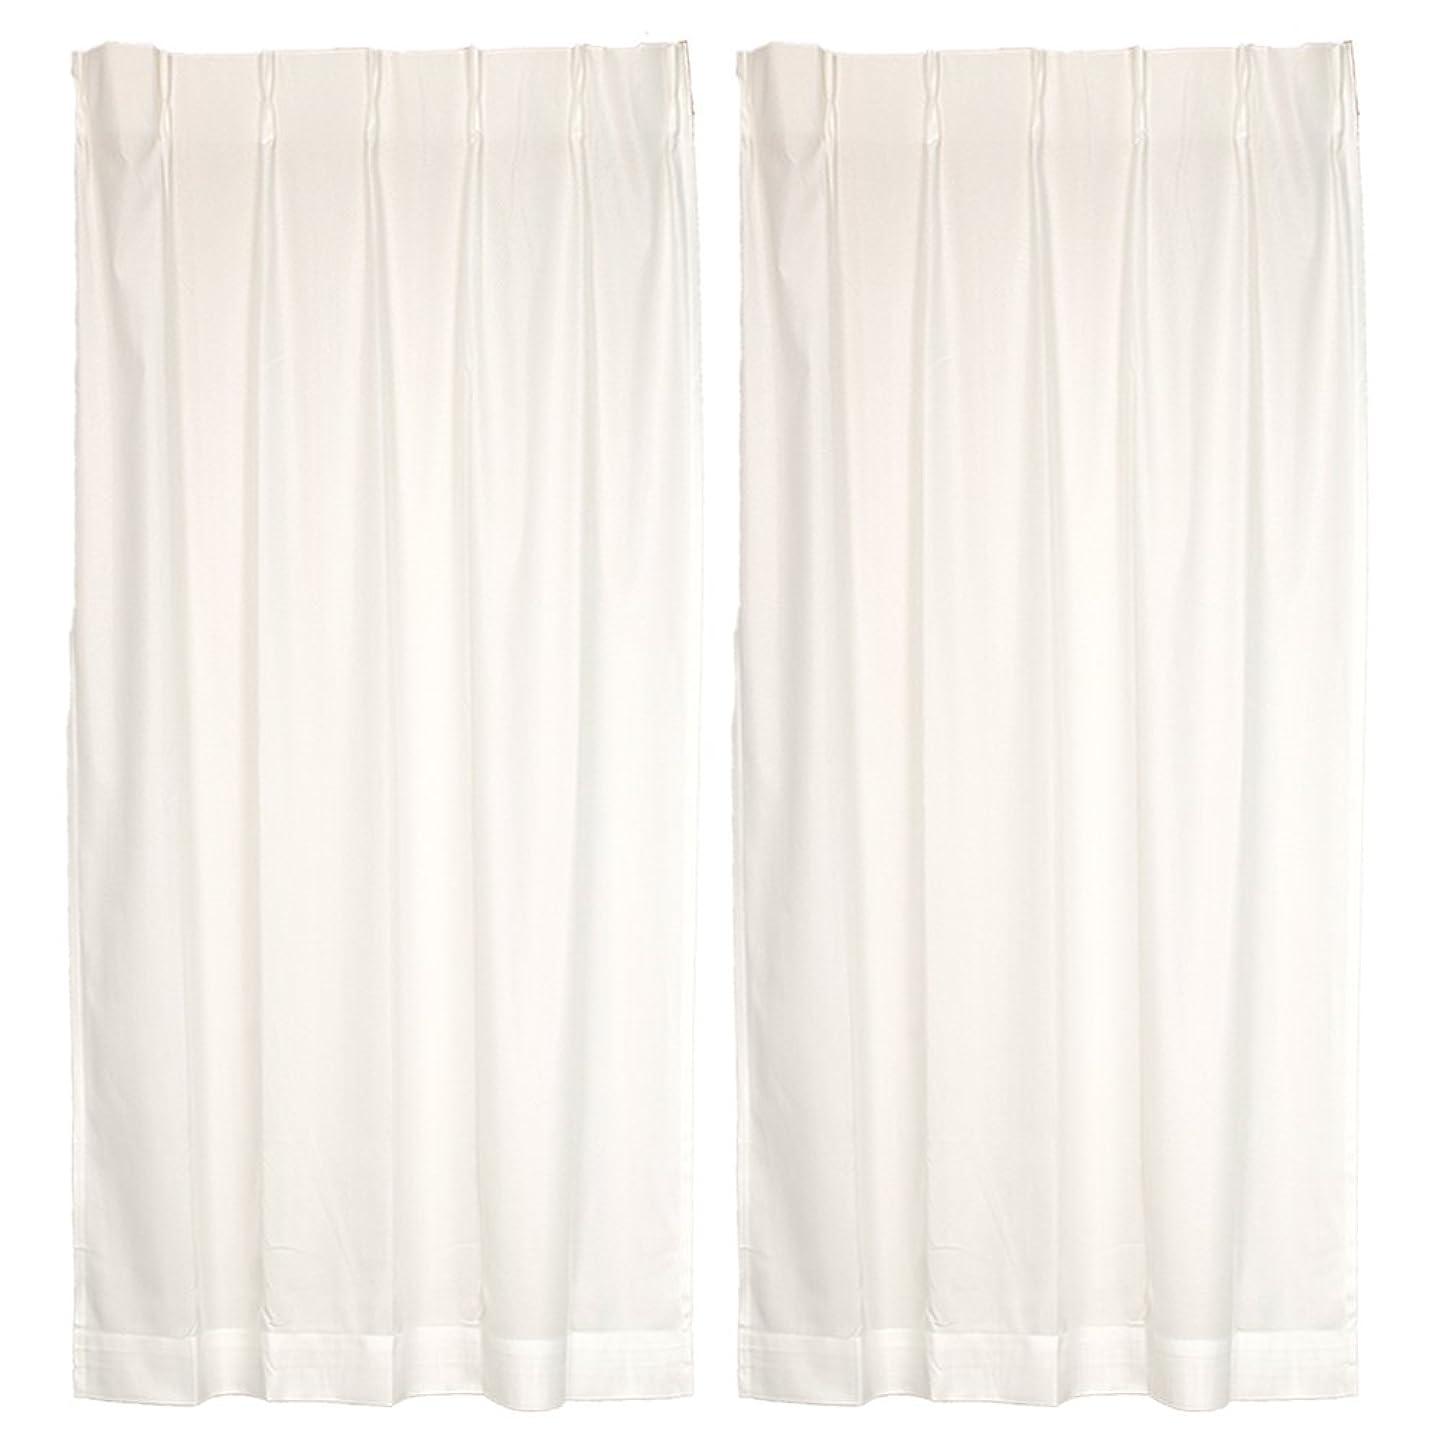 過剰流すお別れオーダーカーテン 2重加工 UVカット ミラーレースカーテン アイボリー 幅181cm 丈154cm フックA ウォッシャブル 遮熱 2枚組 A-221935